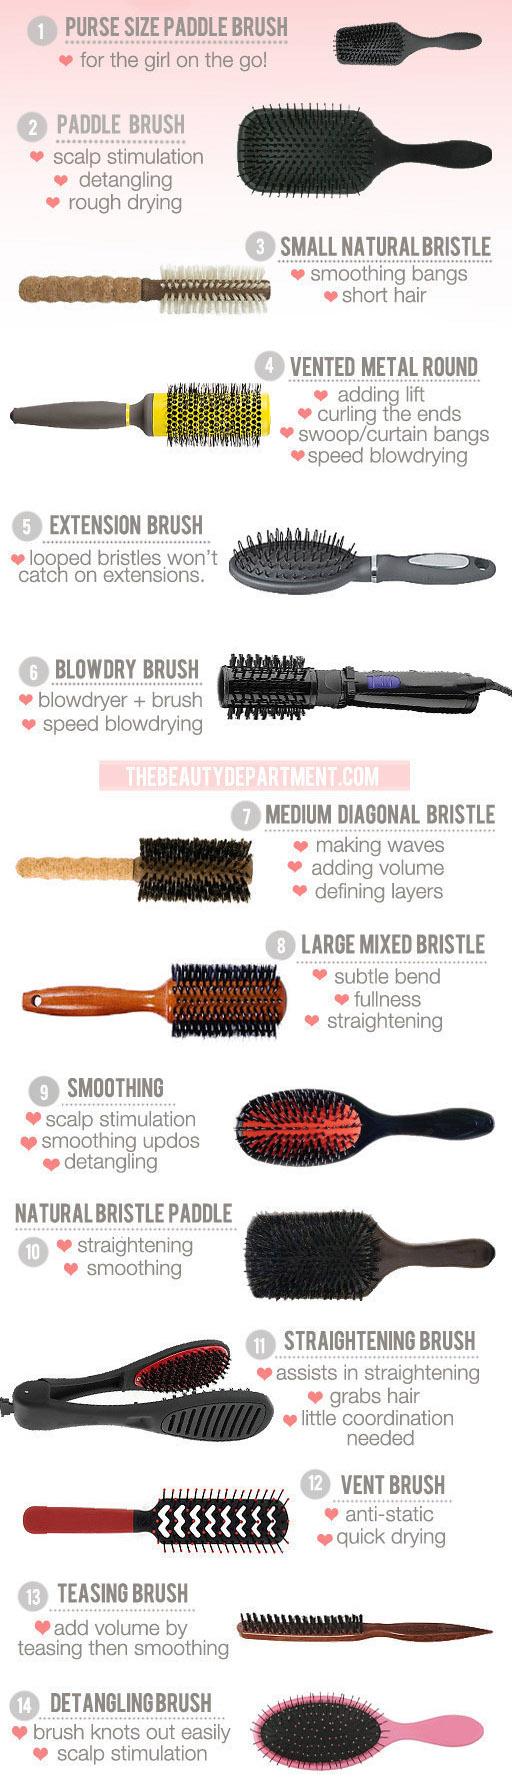 hair brush guidance for beginners